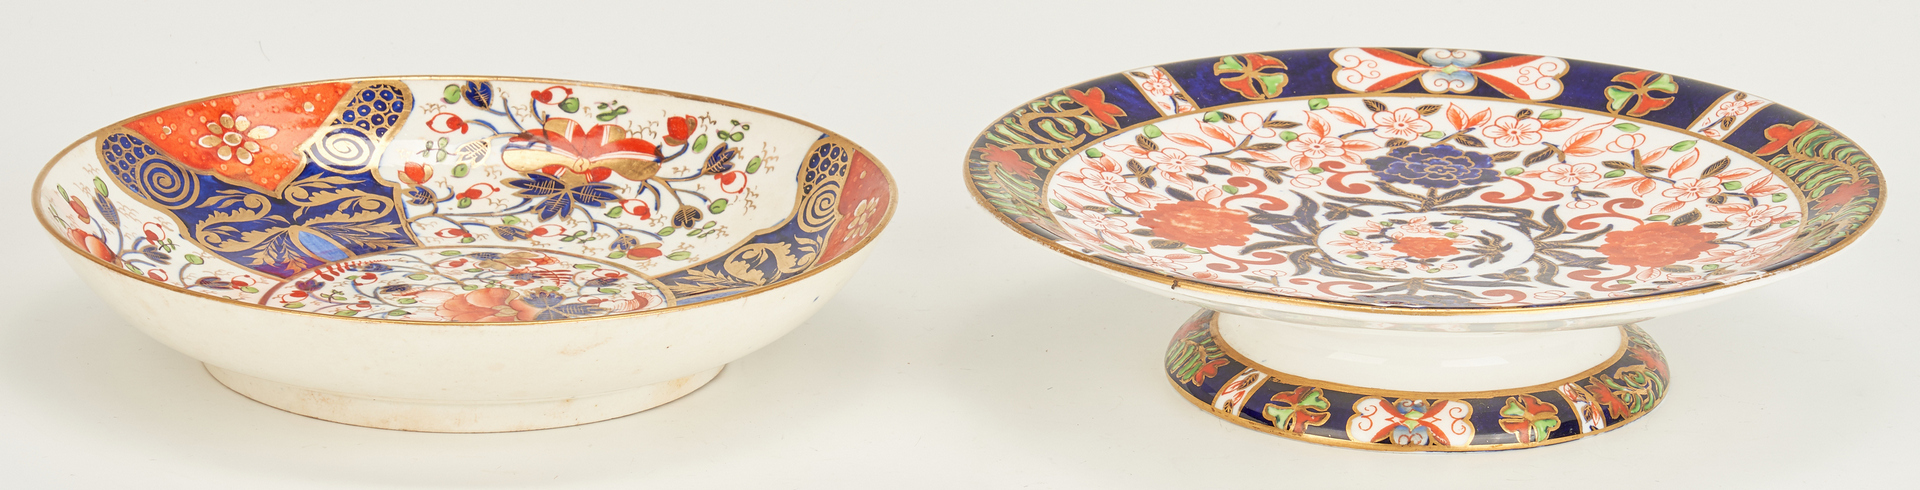 Lot 456: 19 Pcs. English Royal Crown Derby Porcelain